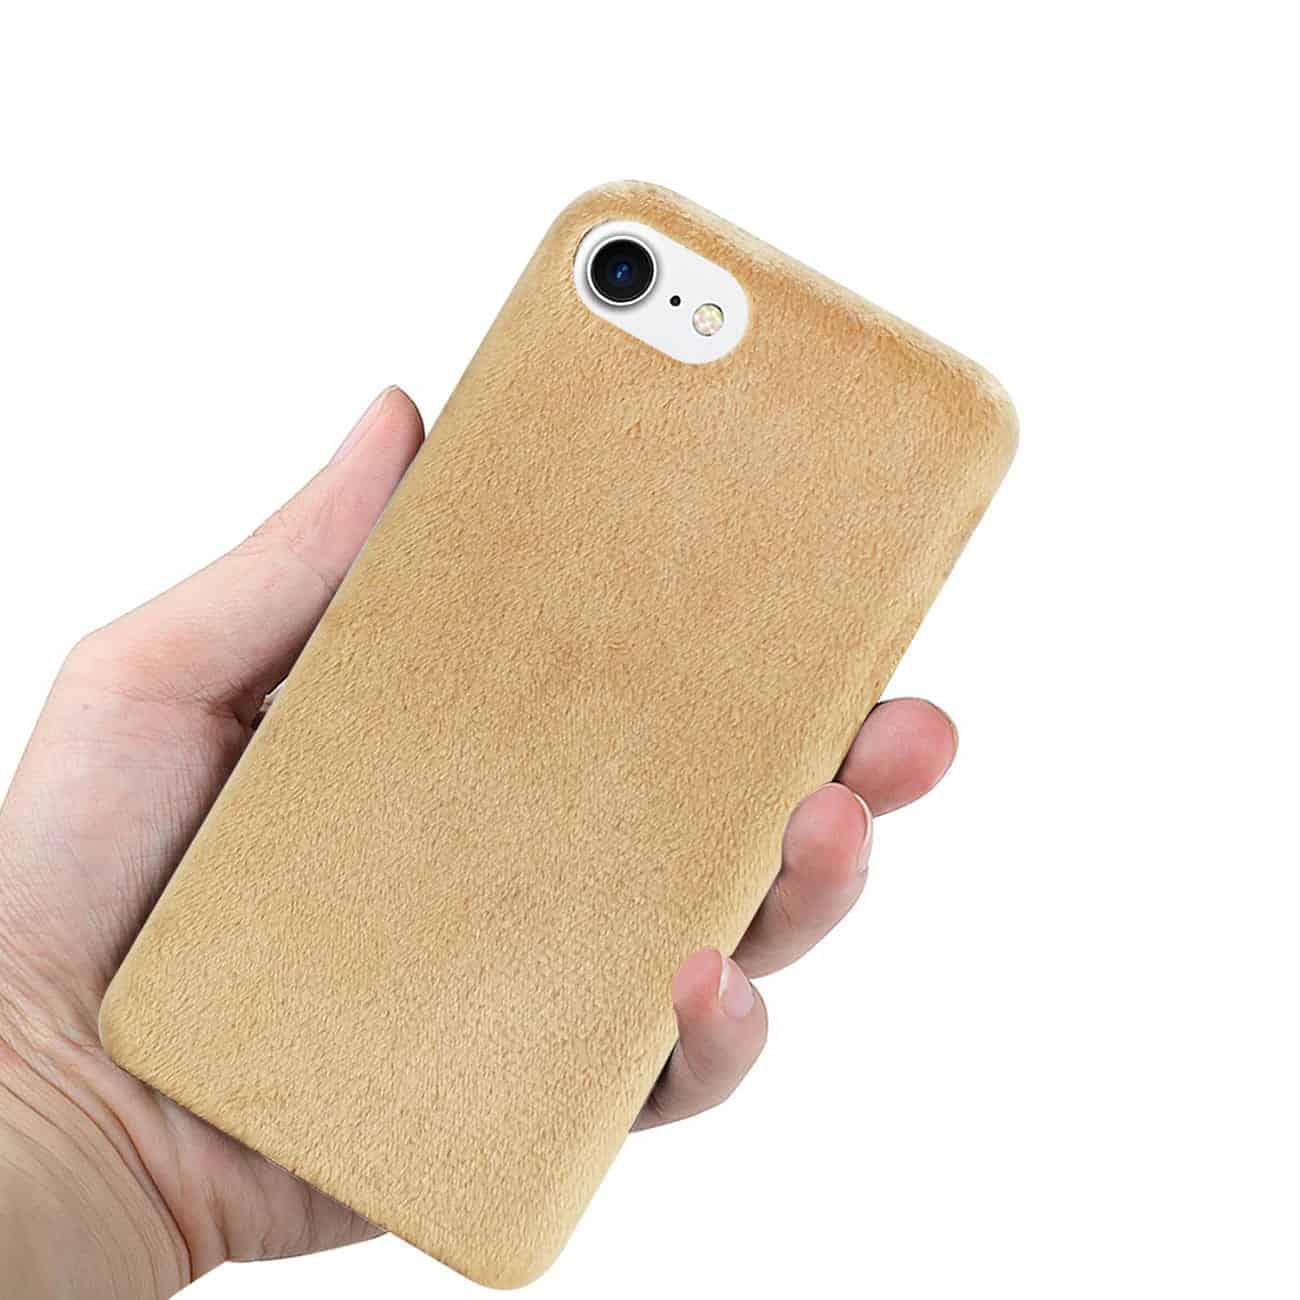 iPhone 8/ 7 Fuzzy Fur Soft TPU Case In Camel